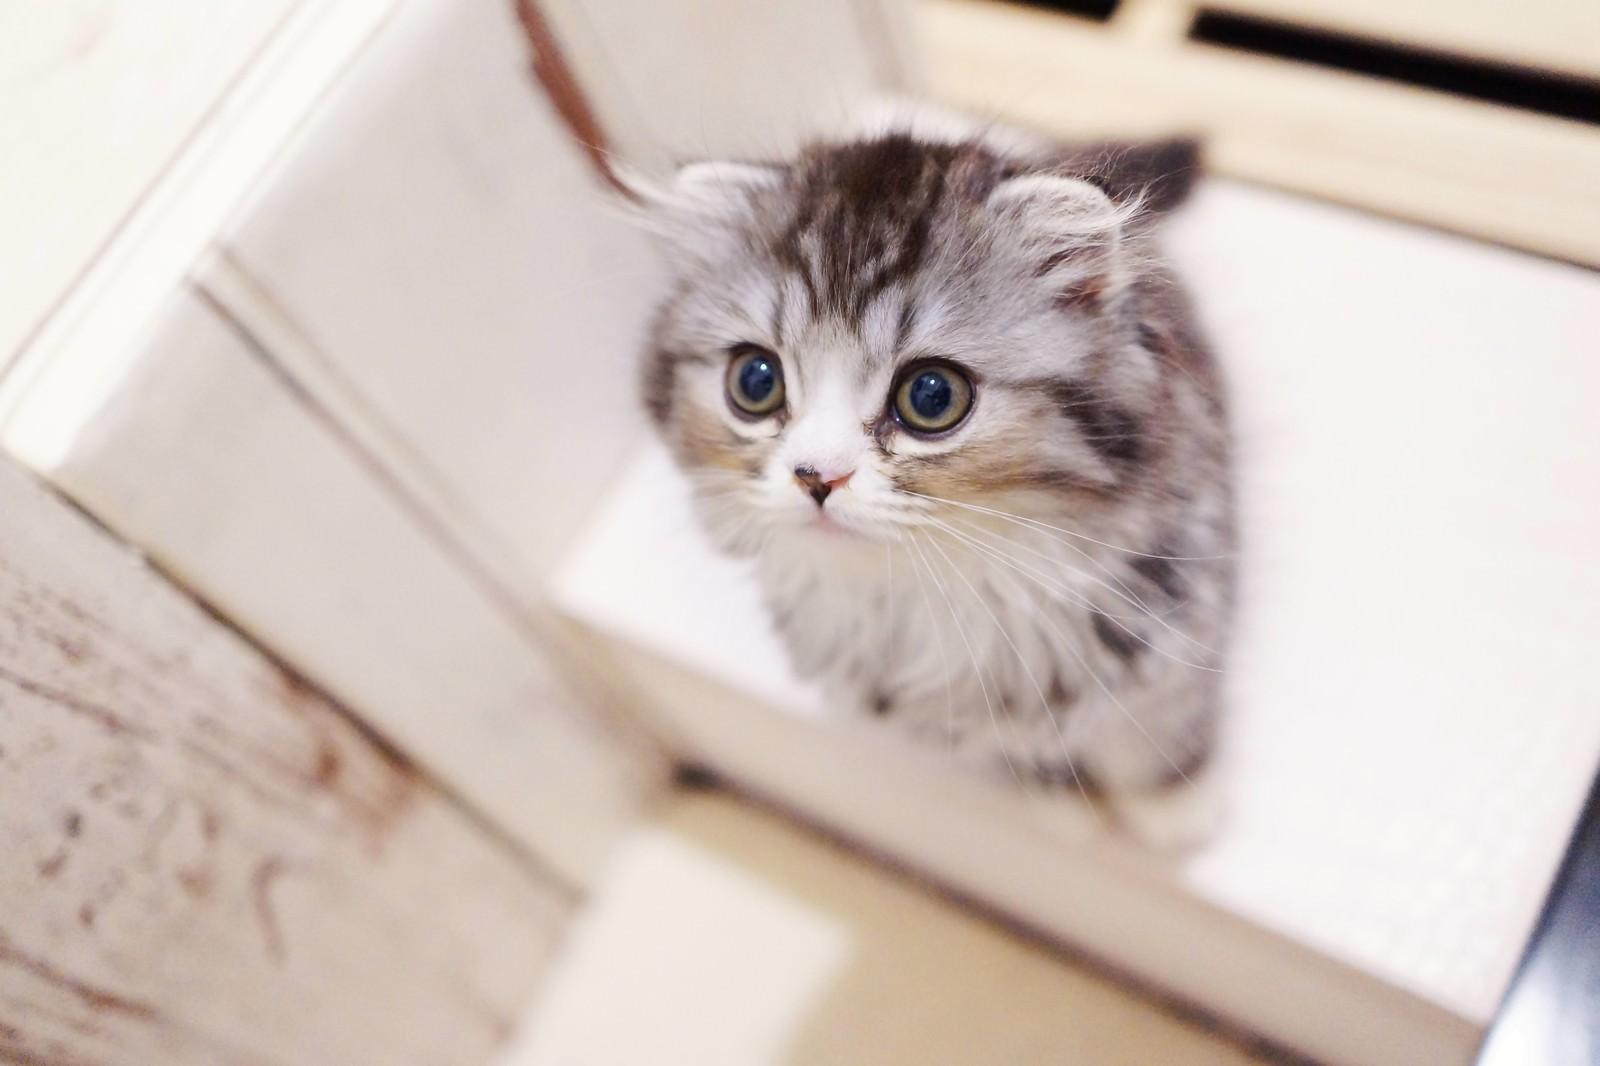 「上を見つめるオス猫(スコティッシュフォールド)上を見つめるオス猫(スコティッシュフォールド)」のフリー写真素材を拡大